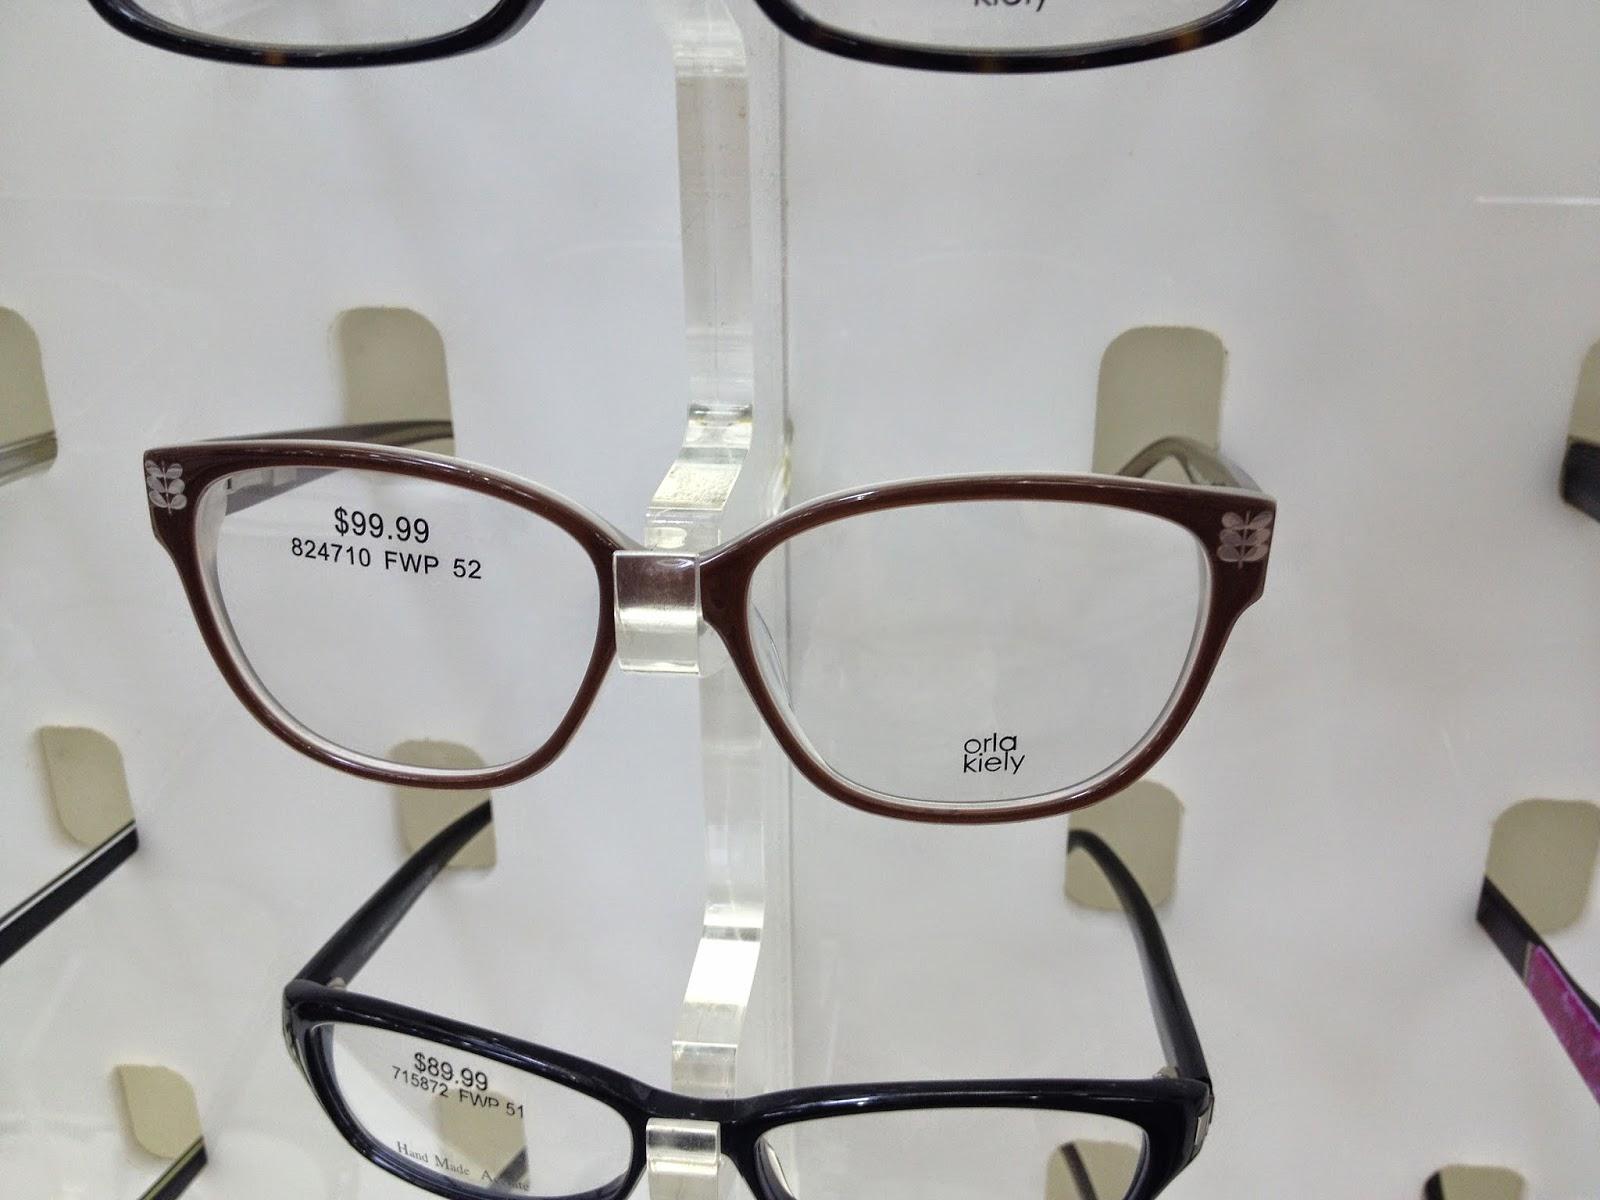 31f8e145219 Fendi Eyeglasses Costco 847702